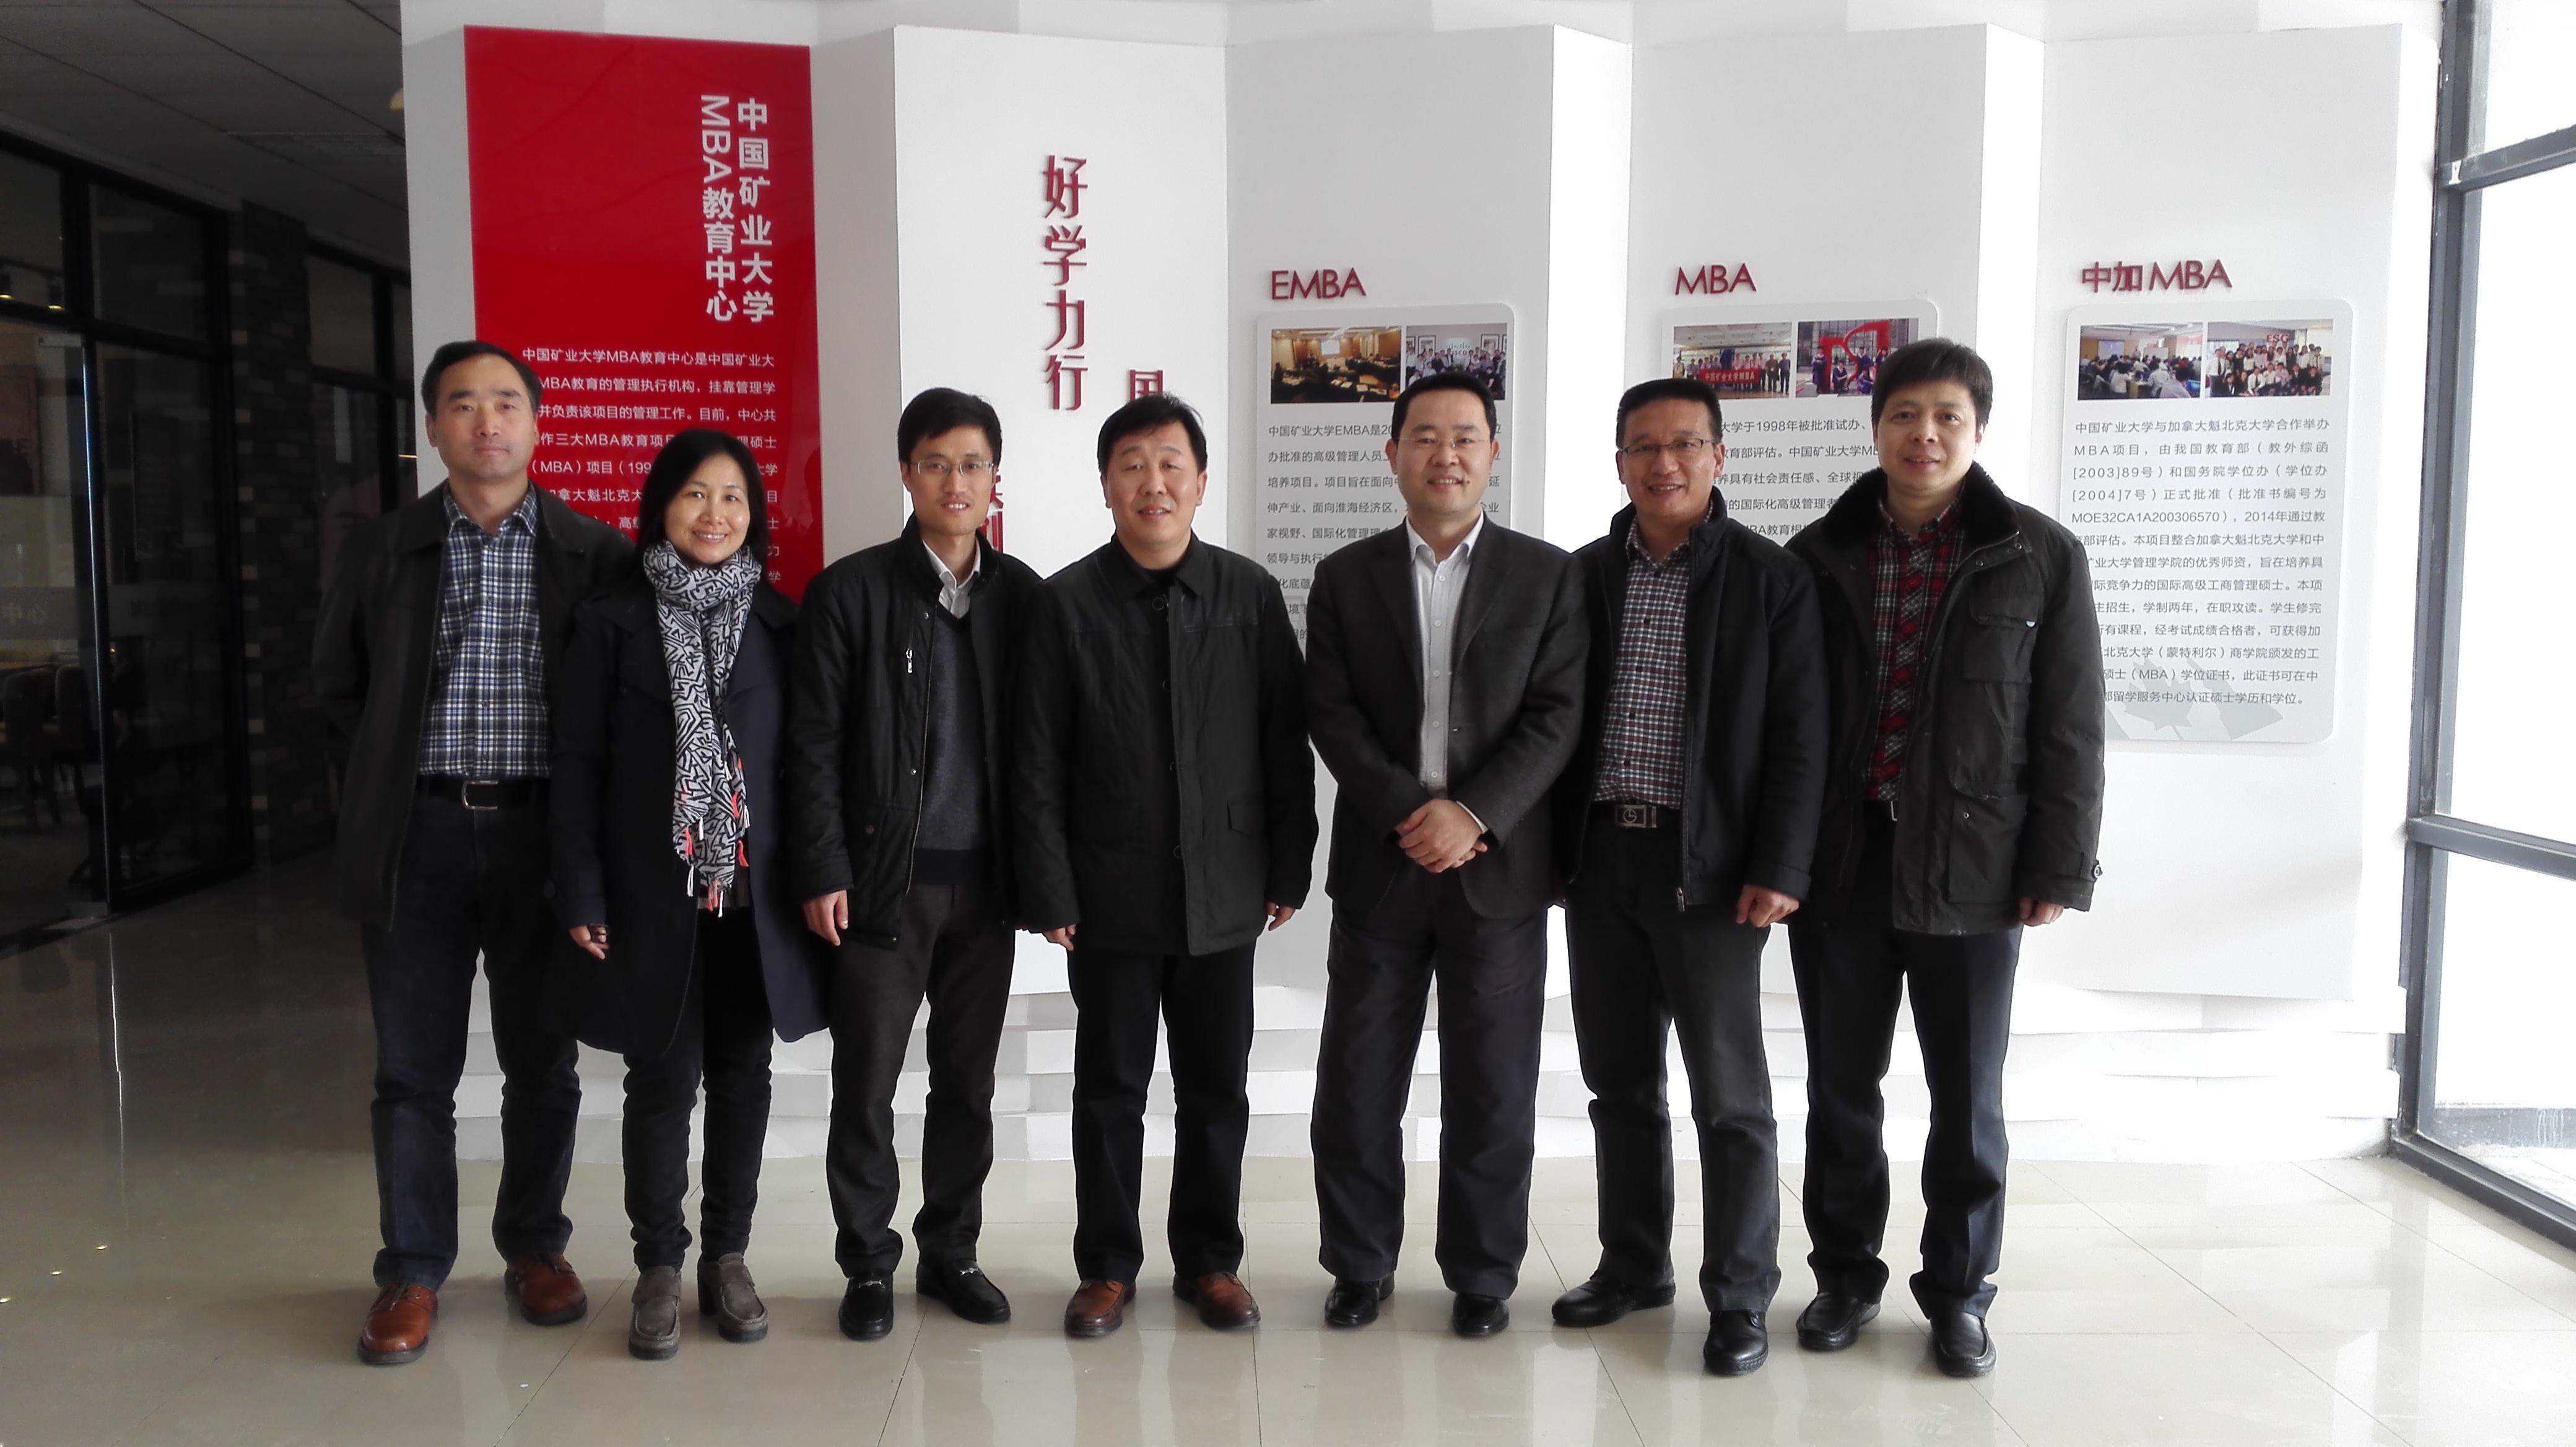 南京林业大学mba中心赴中国矿业大学参观考察